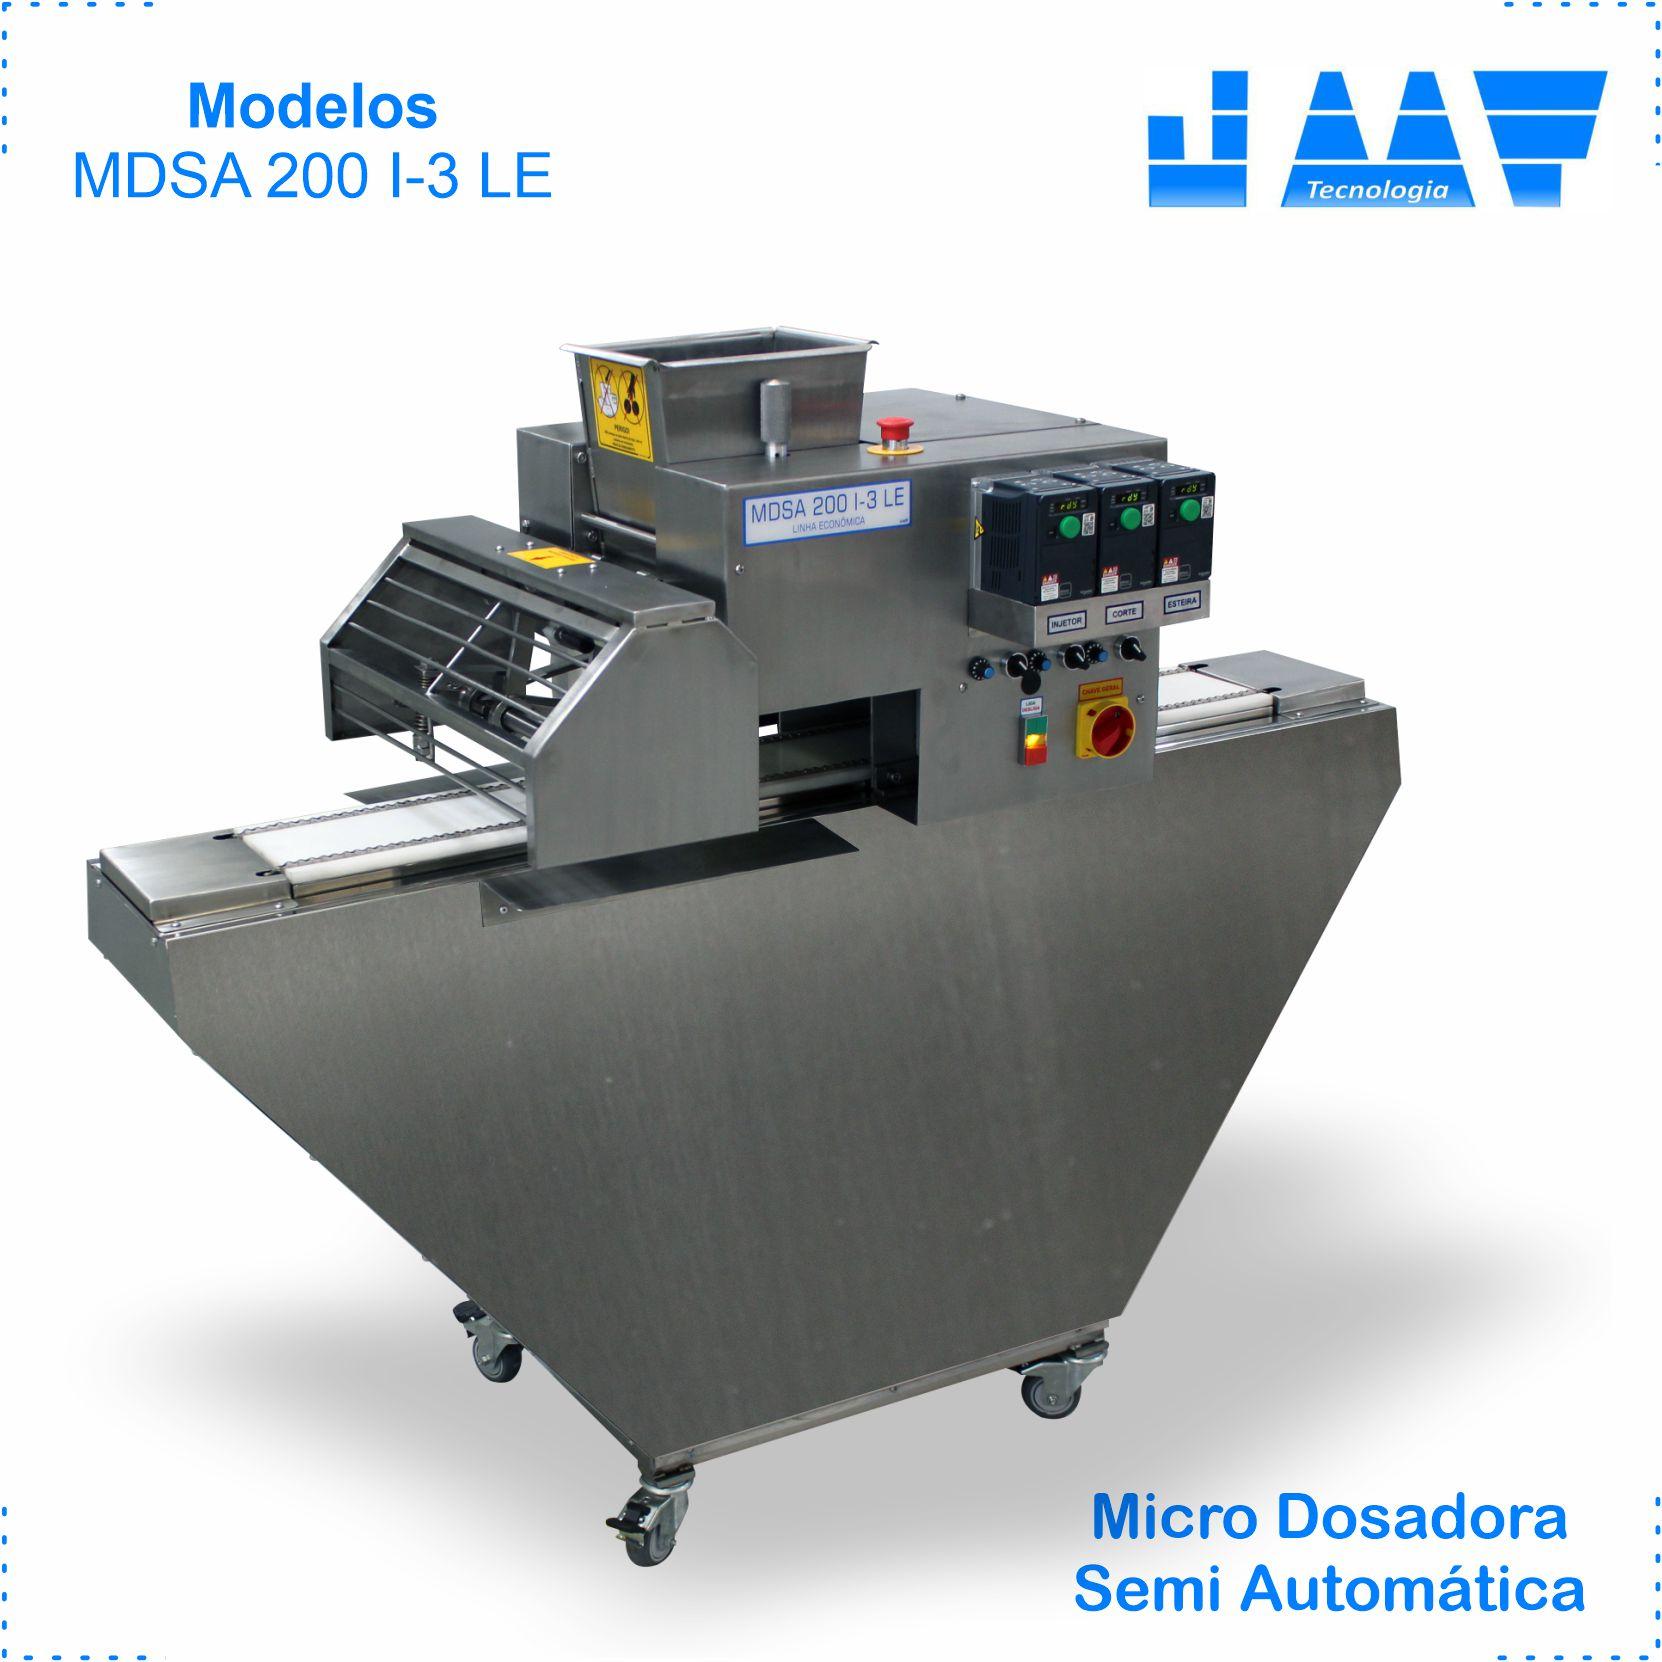 Micro Dosadora Semi Automática (LE)